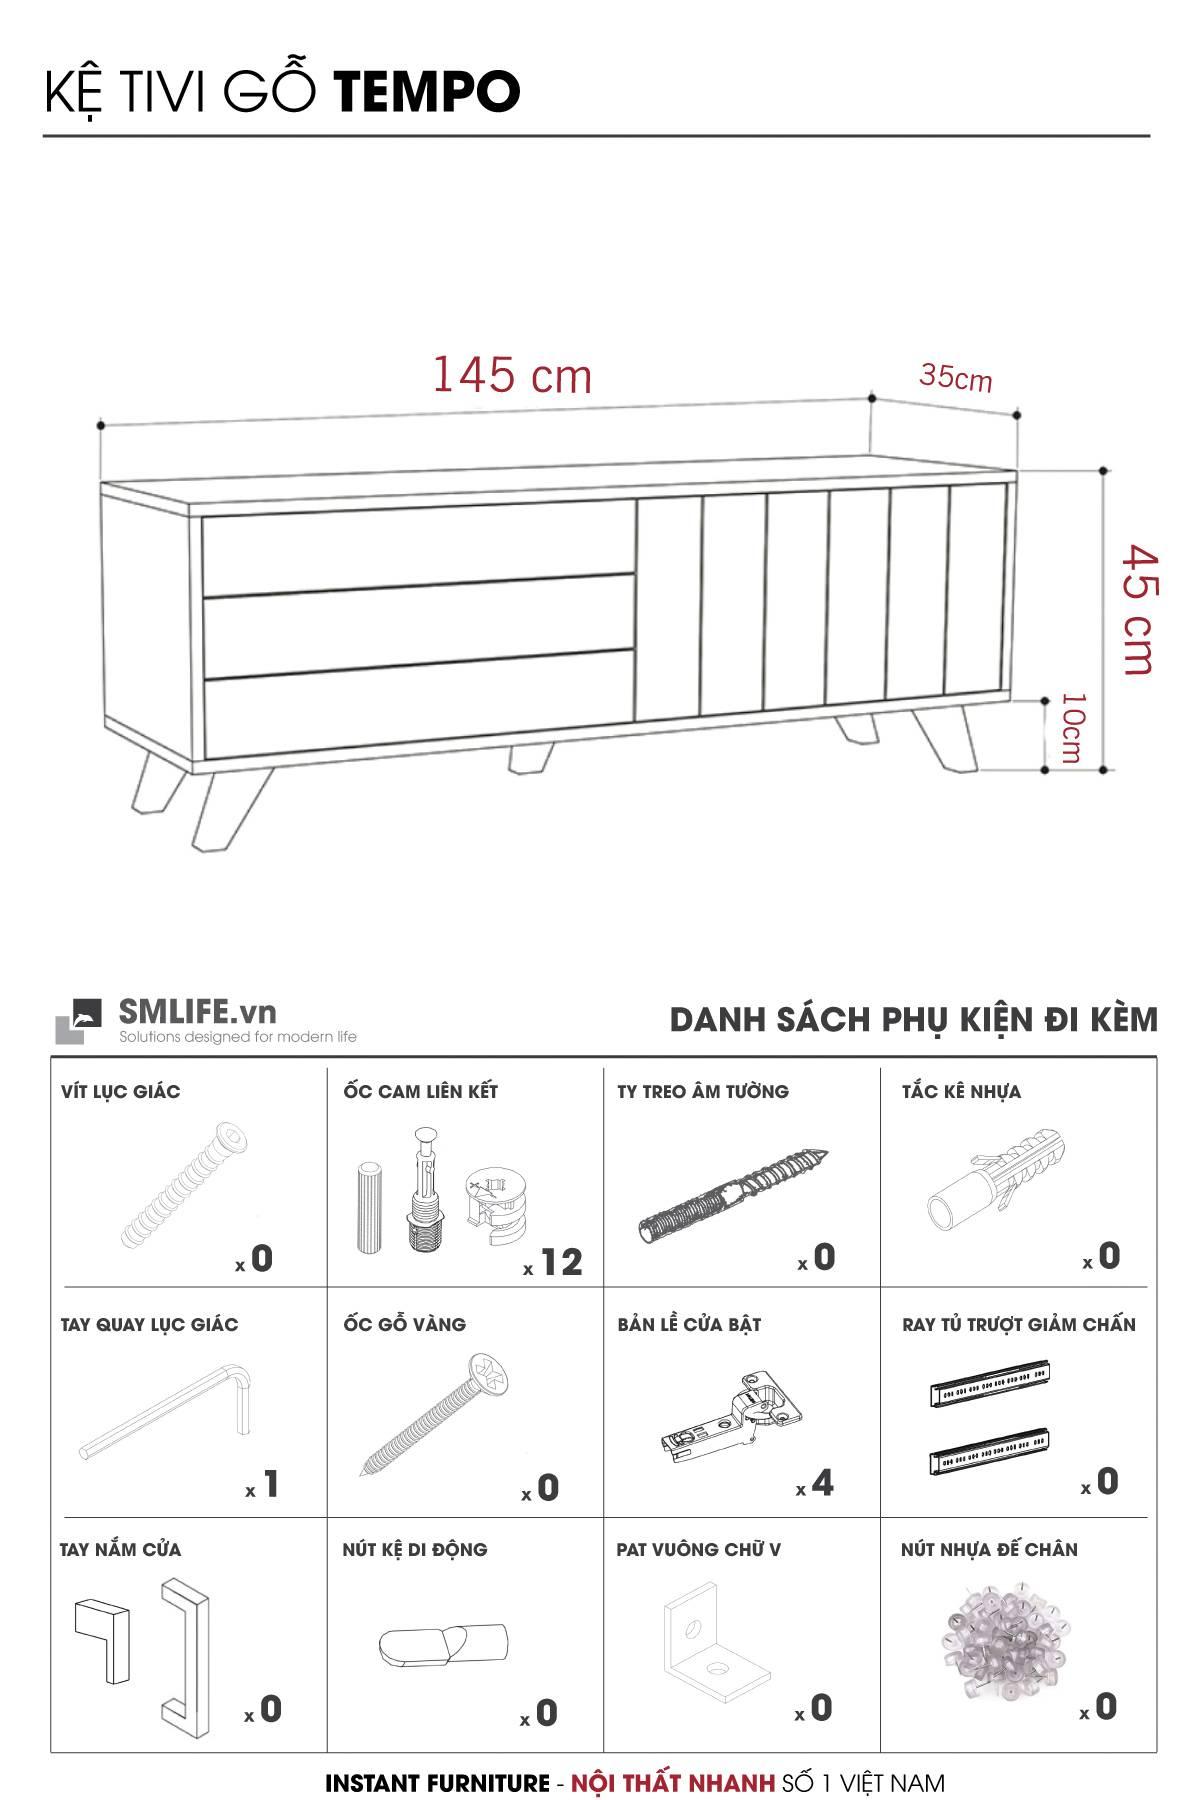 Kệ tivi gỗ hiện đại Tempo (22)